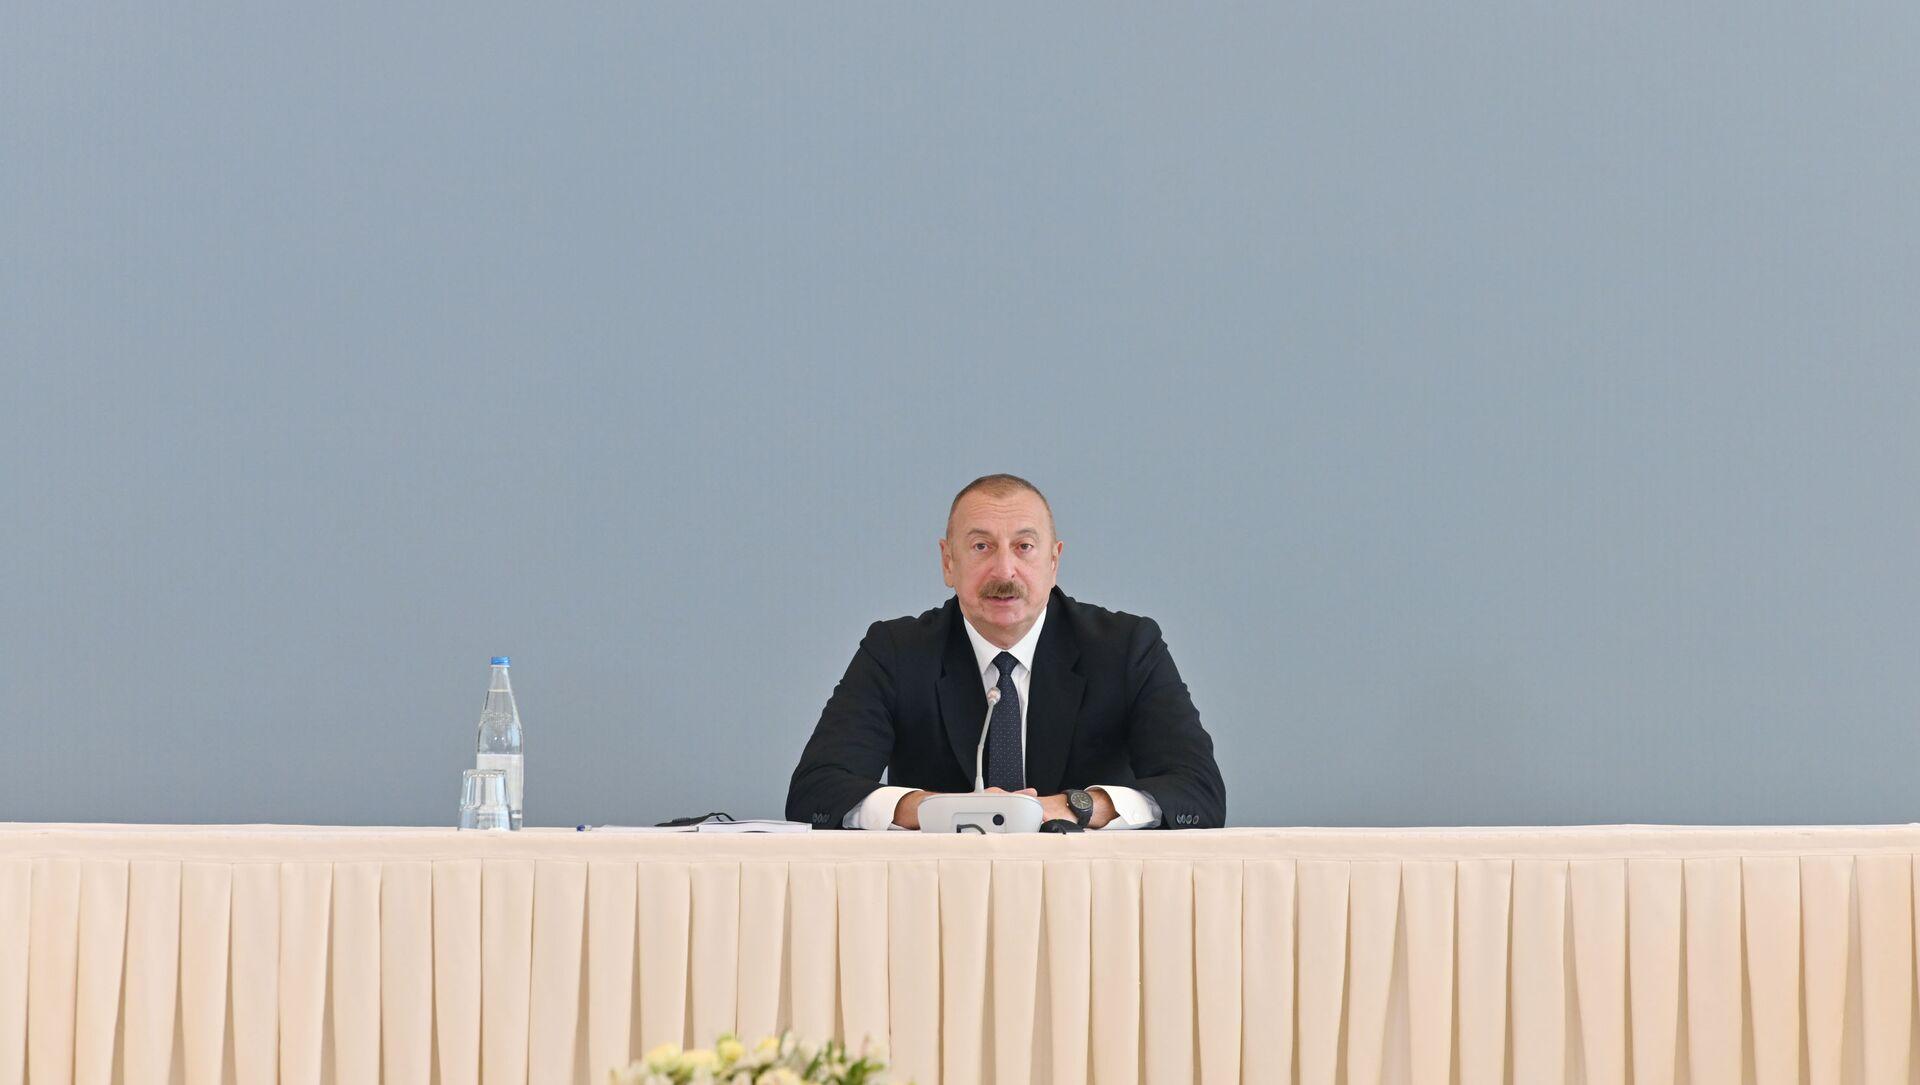 Президент Азербайджанской Республики Ильхам Алиев принимает участие в конференции под названием «Новый взгляд на Южный Кавказ: постконфликтное развитие и сотрудничество» - Sputnik Азербайджан, 1920, 13.04.2021